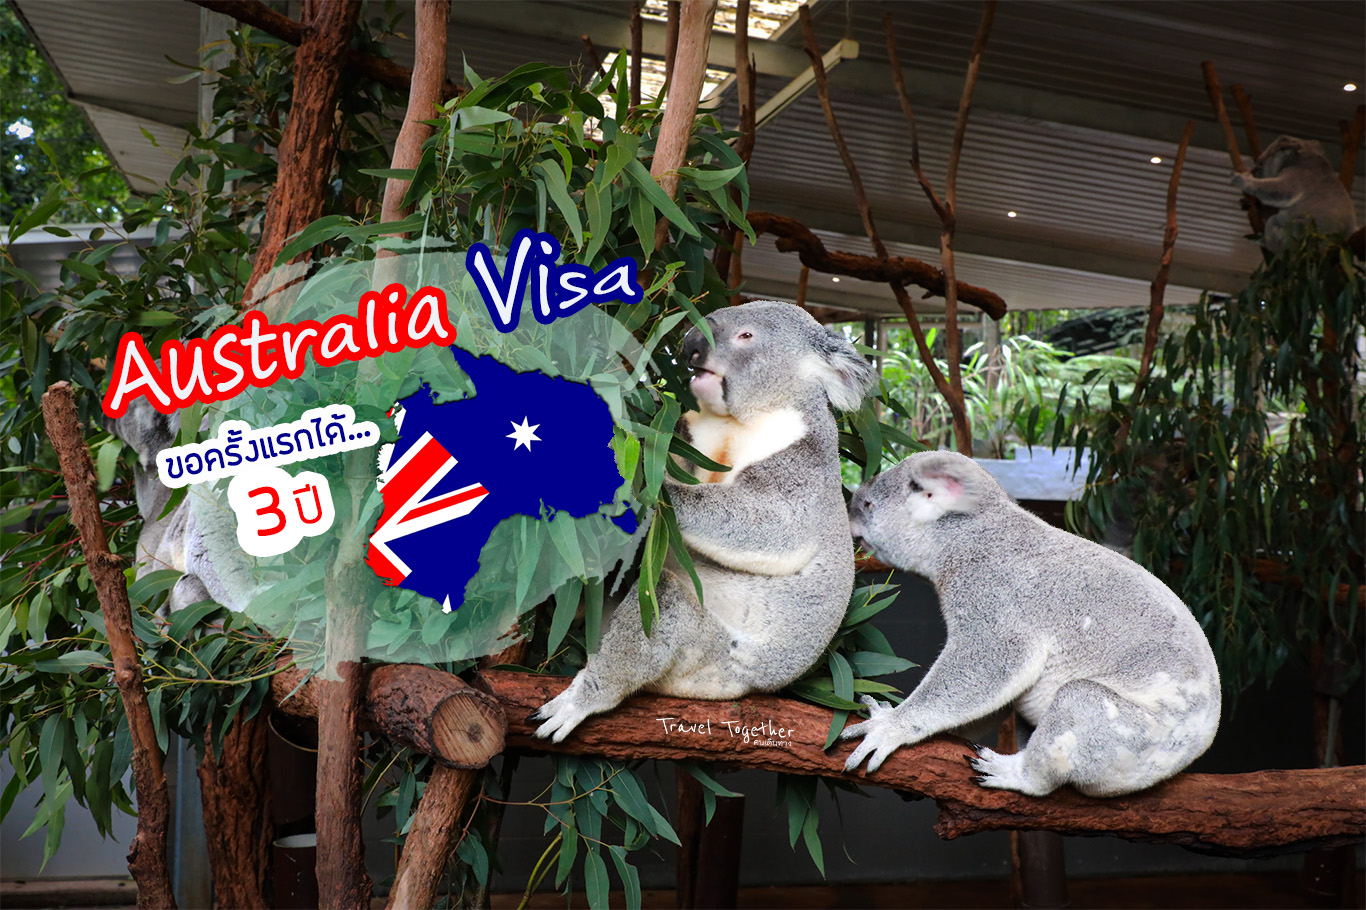 รีวิวขอวีซ่าออสเตรเลีย 2019 ยื่นขอครั้งแรกได้มา 3 ปี